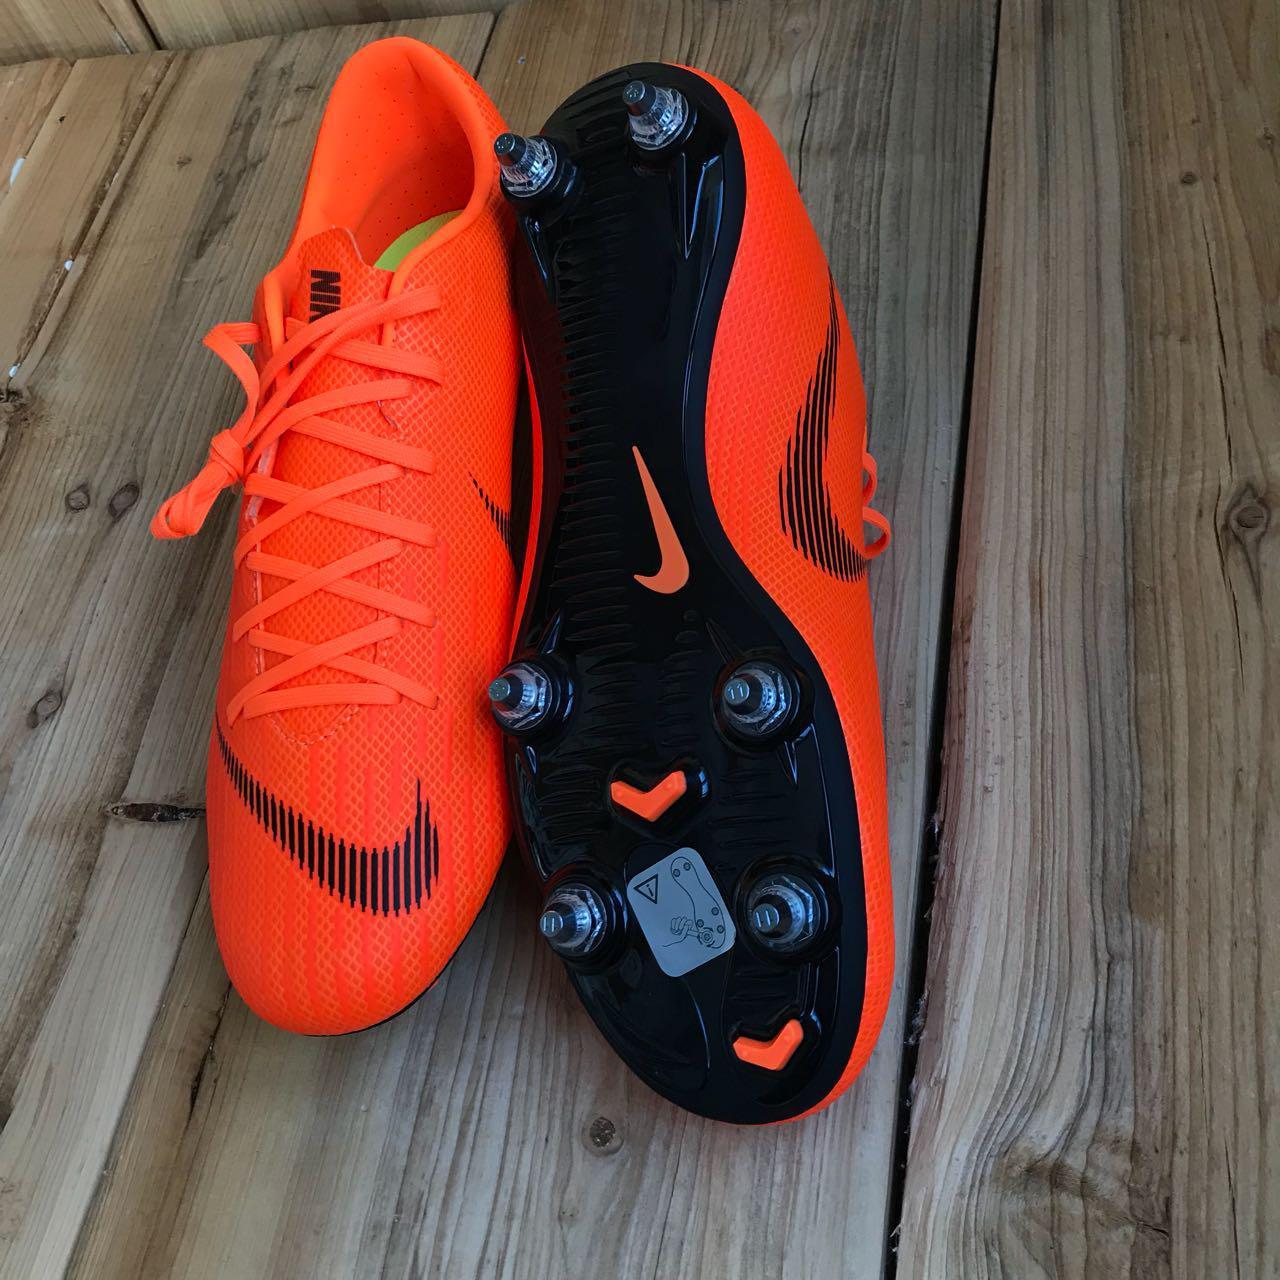 4af95f6e Бутсы Nike Mercurial Vapor 12 Academy SG-PRO AH7376-810 (Оригинал), цена 1  799 грн., купить в Киеве — Prom.ua (ID#663624467)